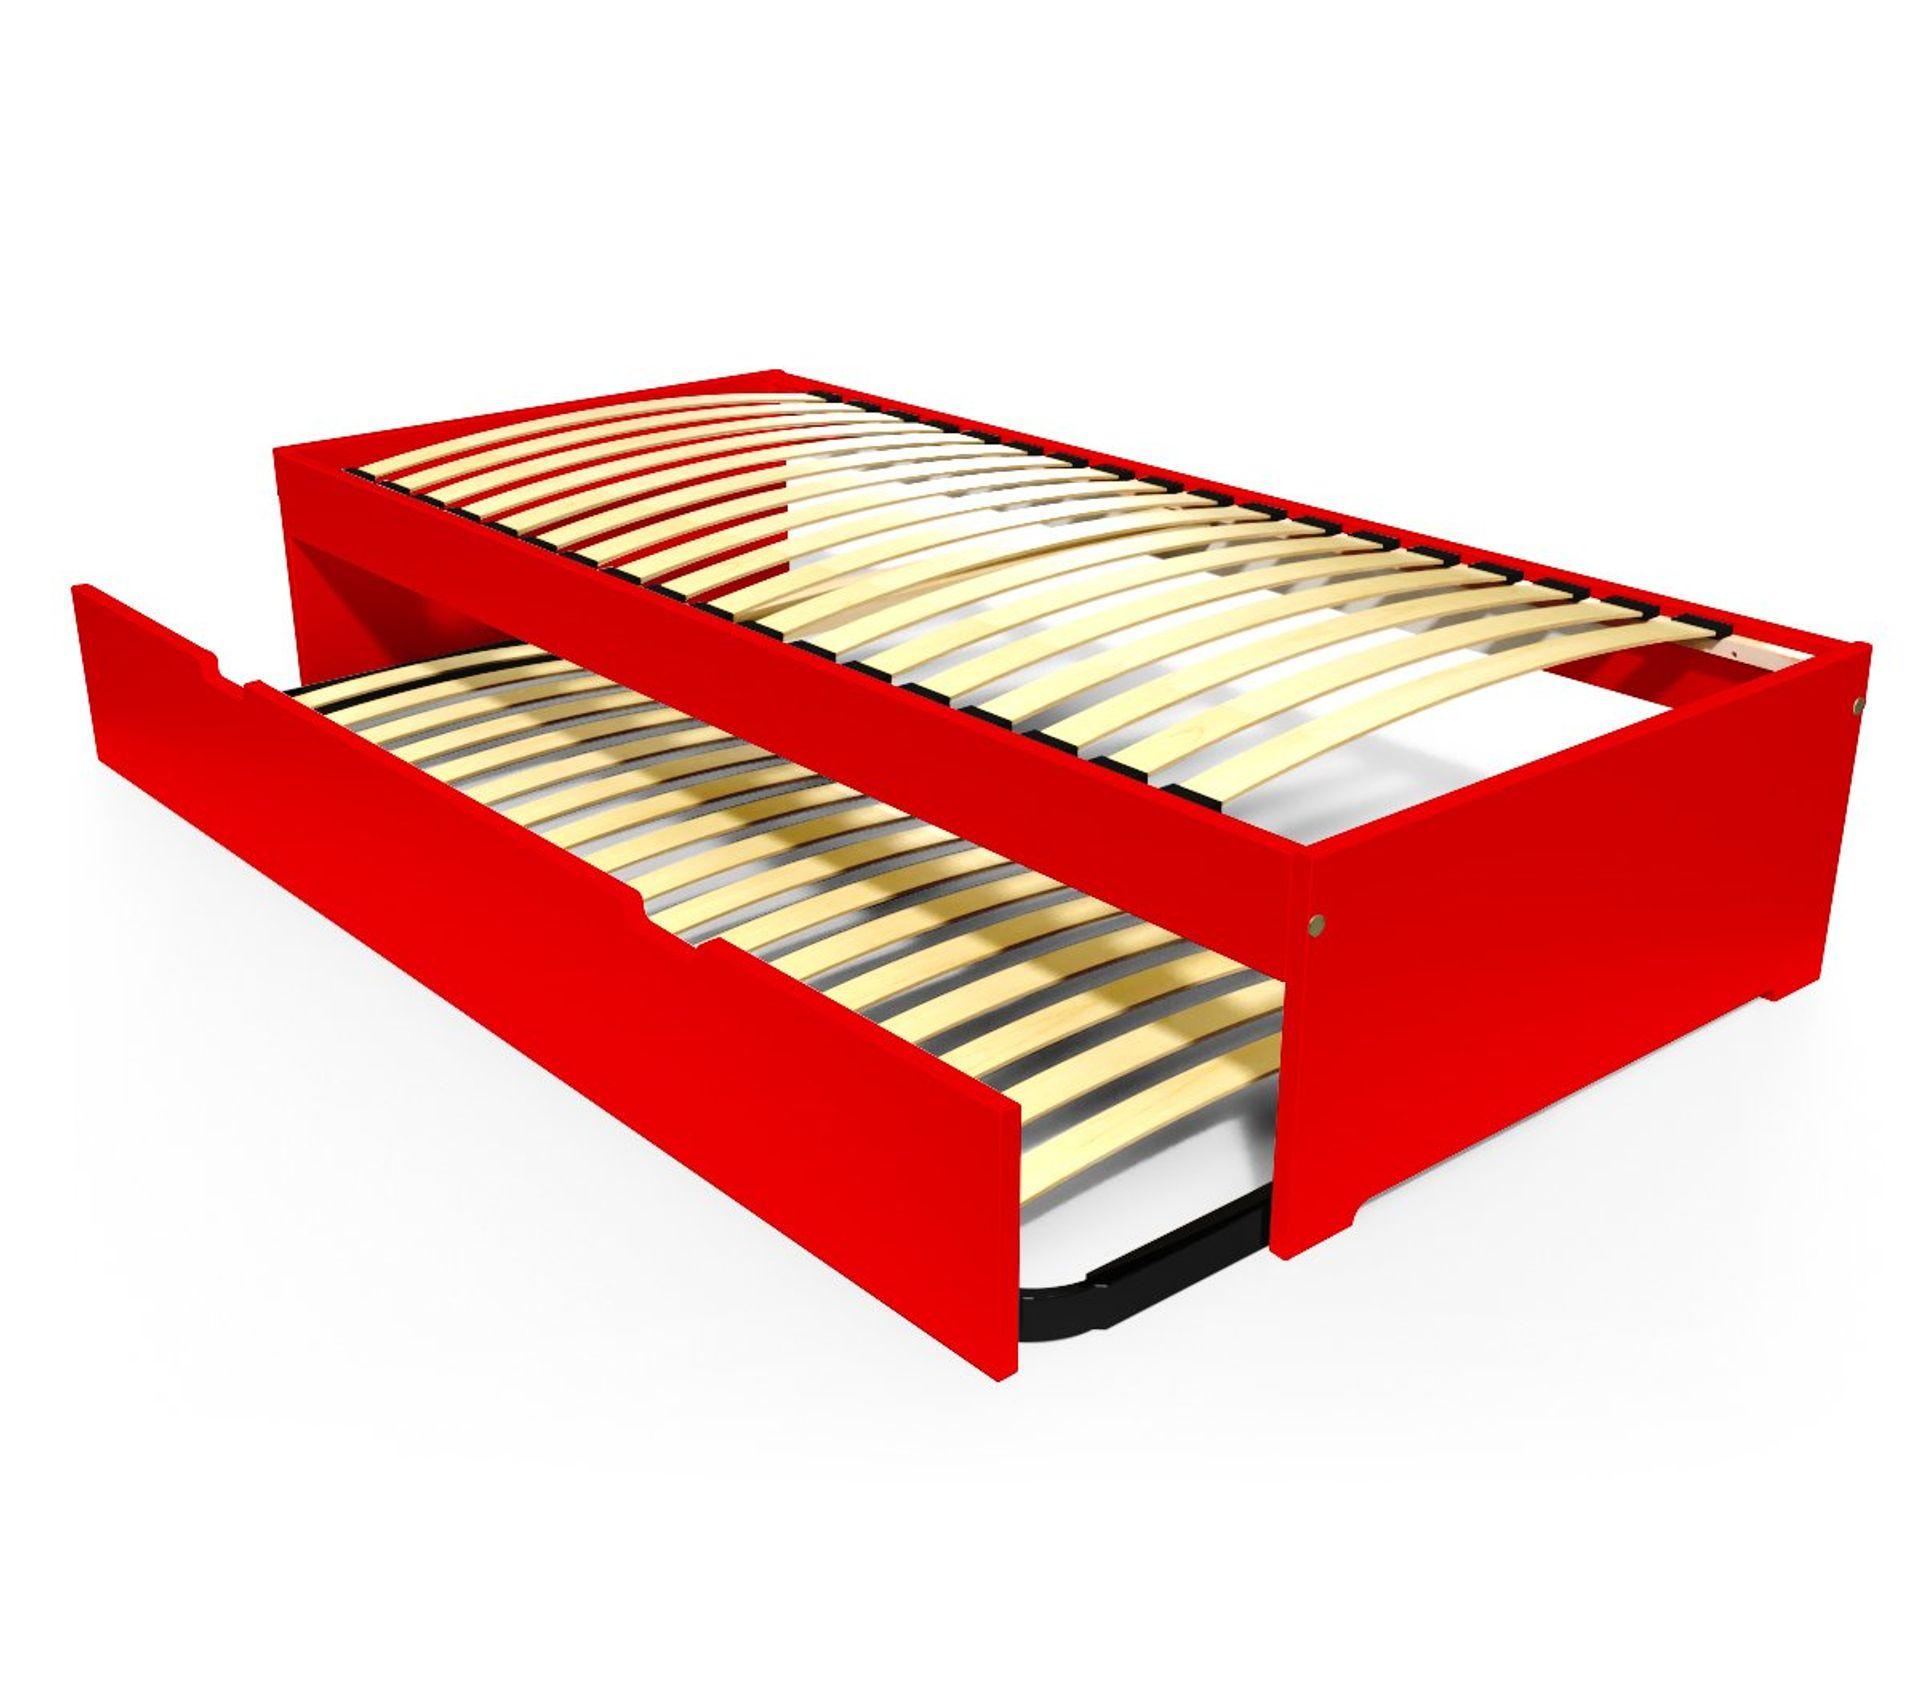 Couleur Avec Du Rouge lit gigogne malo avec tiroir lit bois, couleur: rouge, dimensions: 80x190